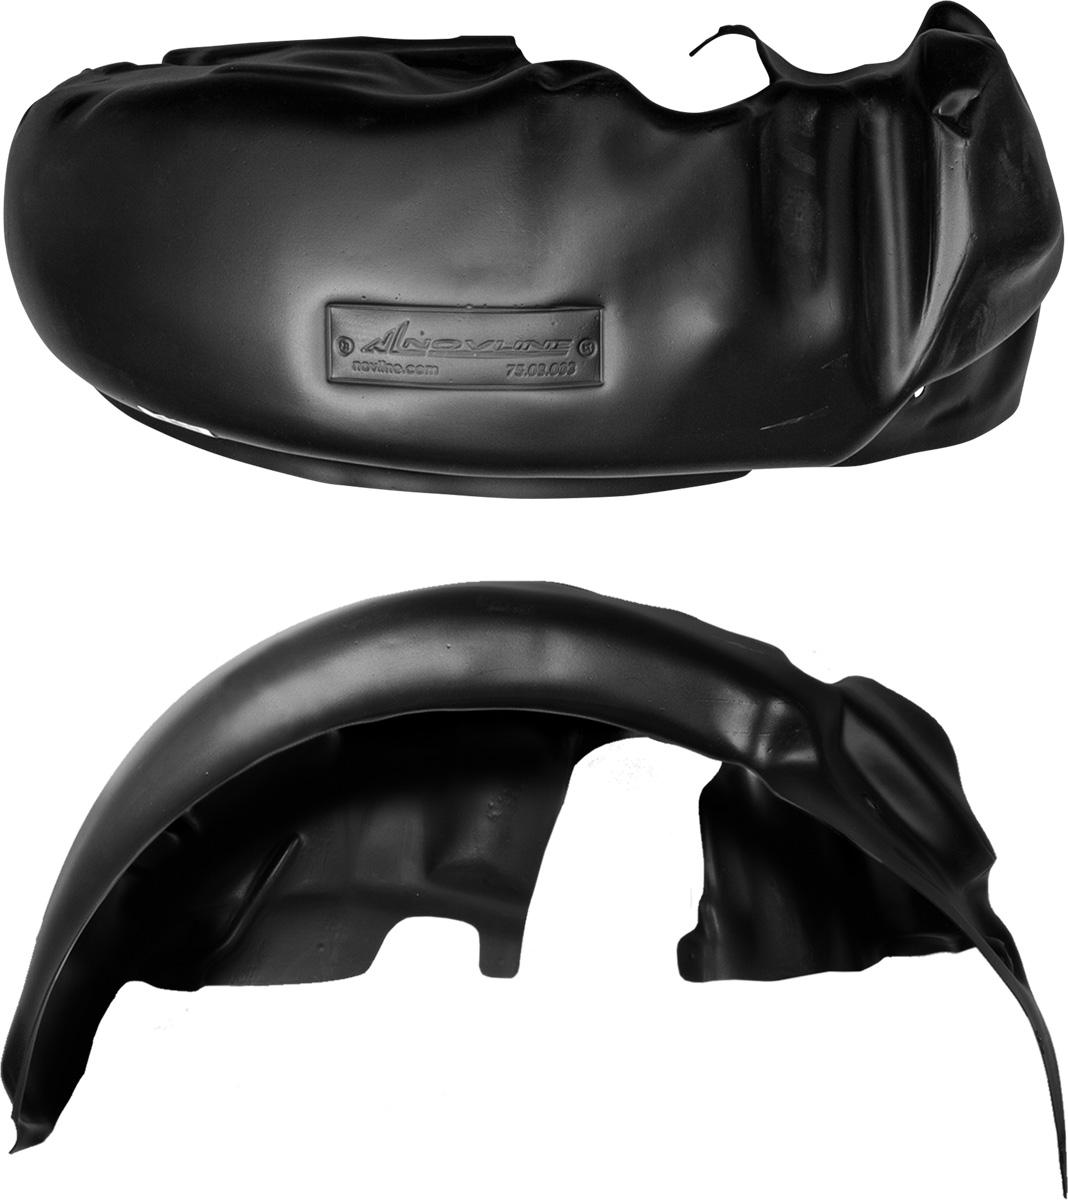 Подкрылок Novline-Autofamily, для Hyundai Solaris, 2014->, седан, передний левыйNLL.20.43.001Колесные ниши - одни из самых уязвимых зон днища вашего автомобиля. Они постоянно подвергаются воздействию со стороны дороги. Лучшая, почти абсолютная защита для них - специально отформованные пластиковые кожухи, которые называются подкрылками. Производятся они как для отечественных моделей автомобилей, так и для иномарок. Подкрылки Novline-Autofamily выполнены из высококачественного, экологически чистого пластика. Обеспечивают надежную защиту кузова автомобиля от пескоструйного эффекта и негативного влияния, агрессивных антигололедных реагентов. Пластик обладает более низкой теплопроводностью, чем металл, поэтому в зимний период эксплуатации использование пластиковых подкрылков позволяет лучше защитить колесные ниши от налипания снега и образования наледи. Оригинальность конструкции подчеркивает элегантность автомобиля, бережно защищает нанесенное на днище кузова антикоррозийное покрытие и позволяет осуществить крепление подкрылков внутри колесной арки практически без...